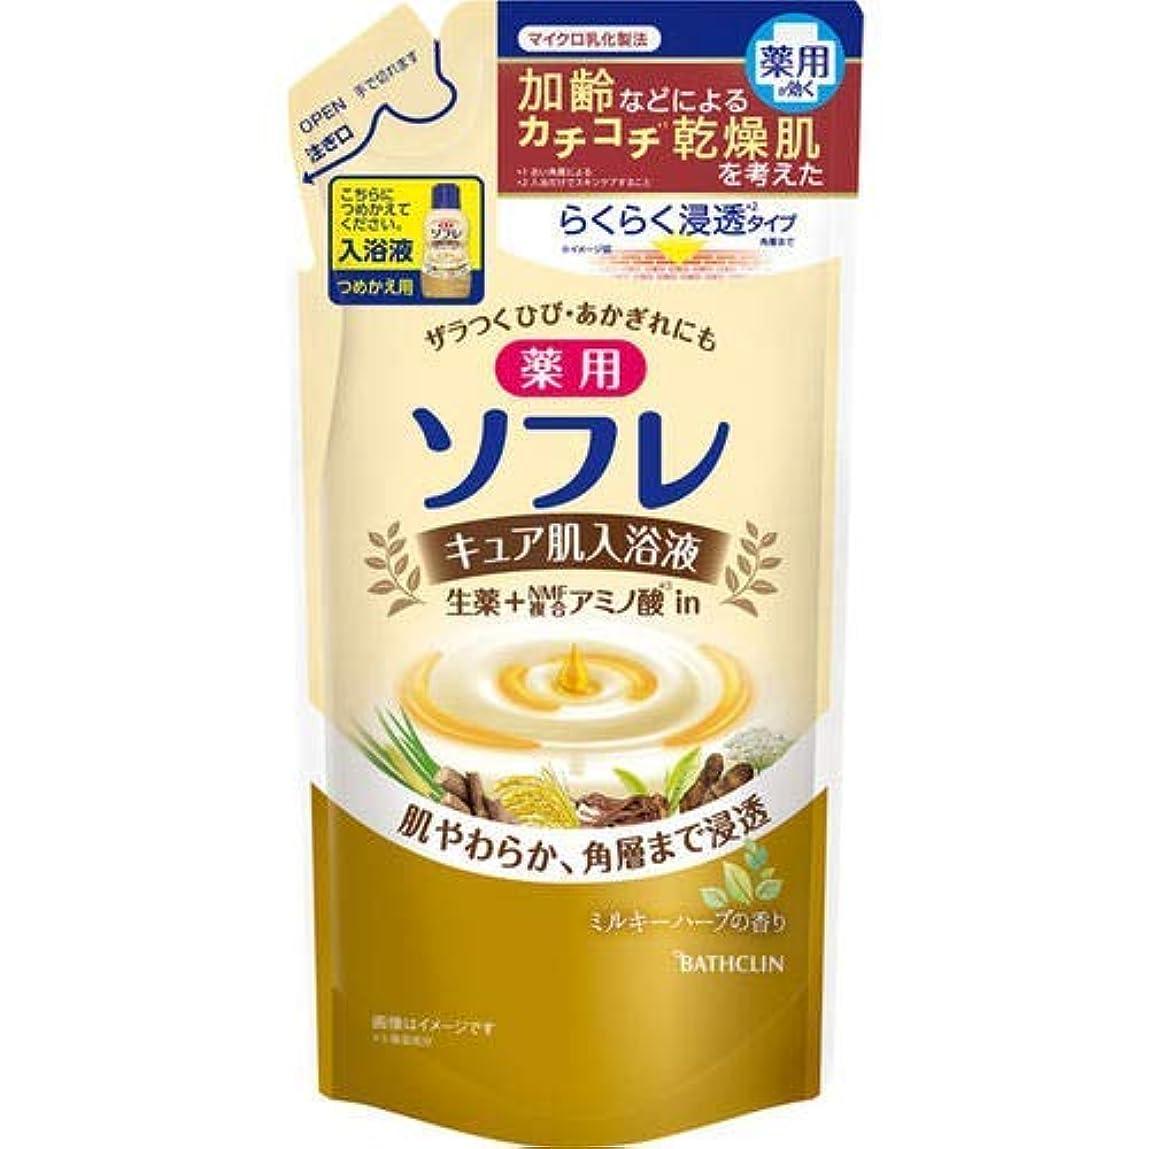 大胆亜熱帯マスタード薬用ソフレ キュア肌入浴液 ミルキーハーブの香り 400ml × 3個セット